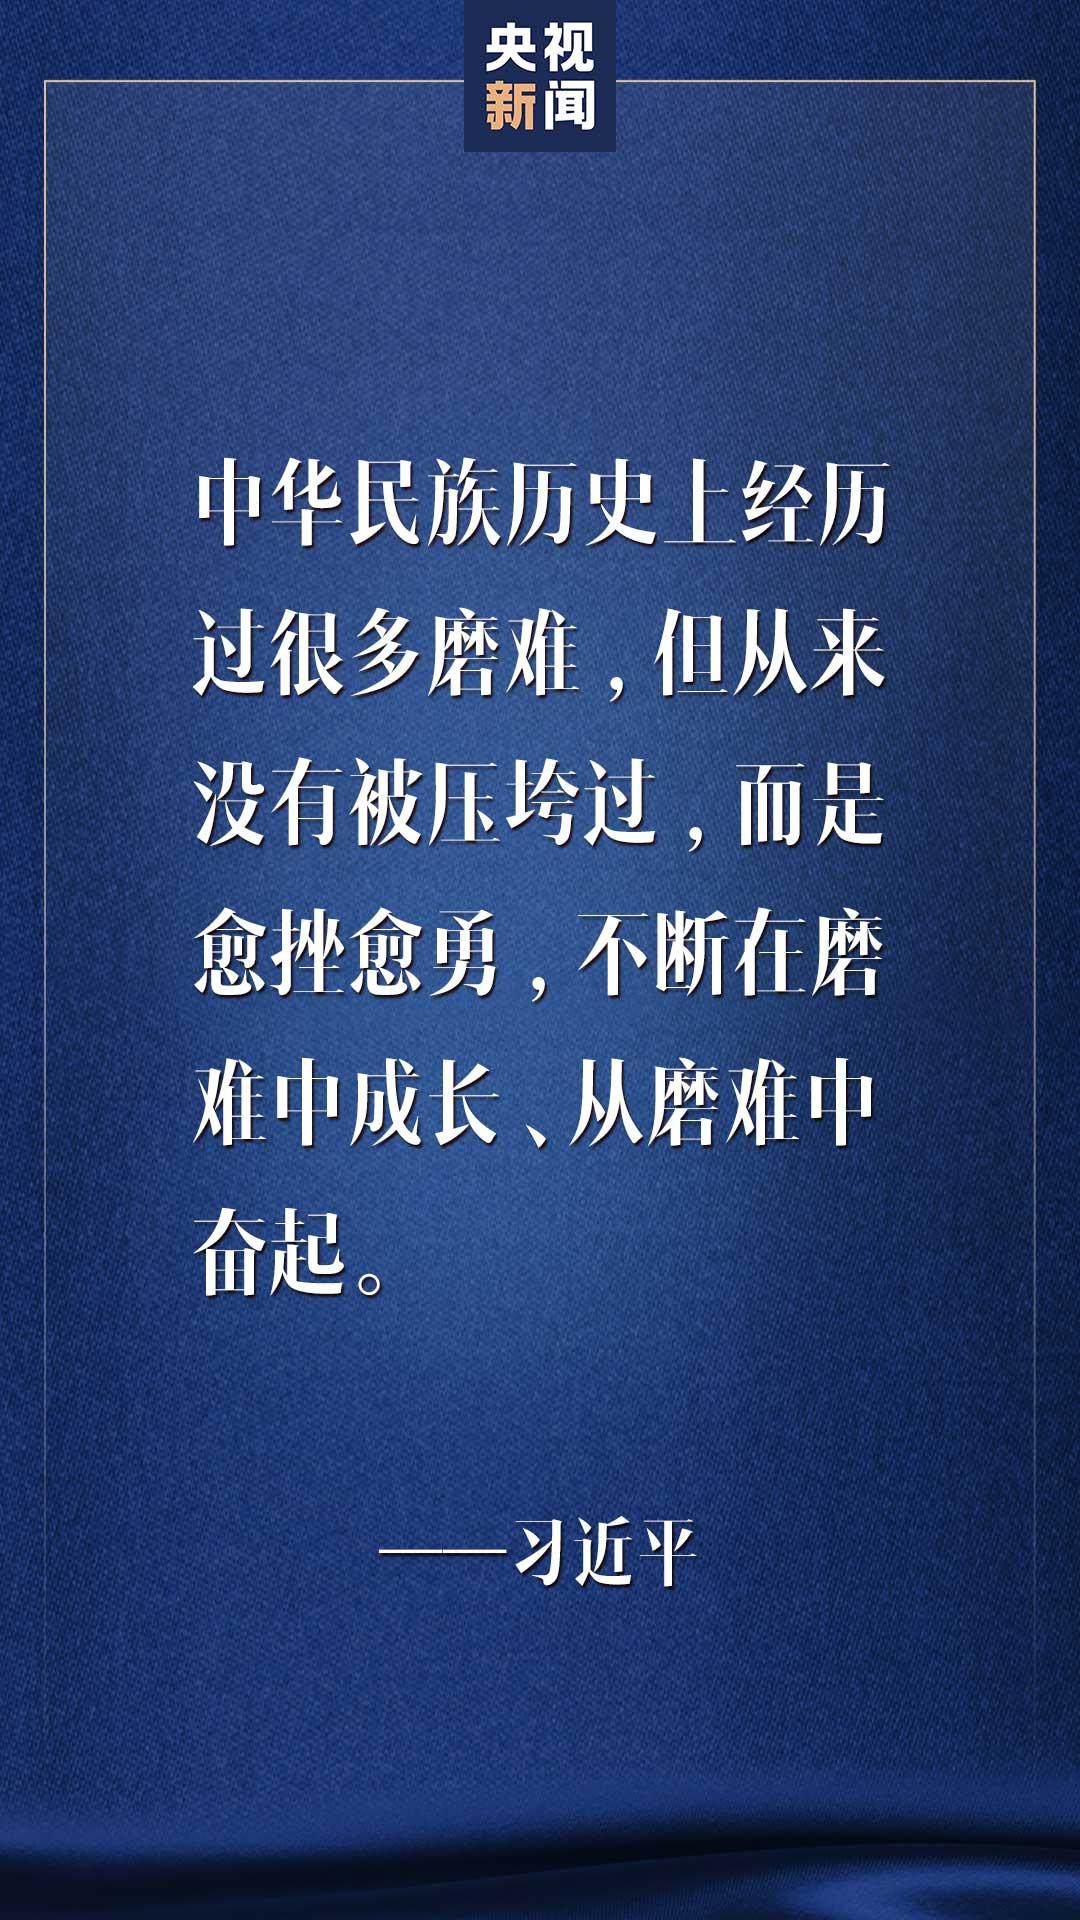 习近平:中华民族从来没有被压垮过图片